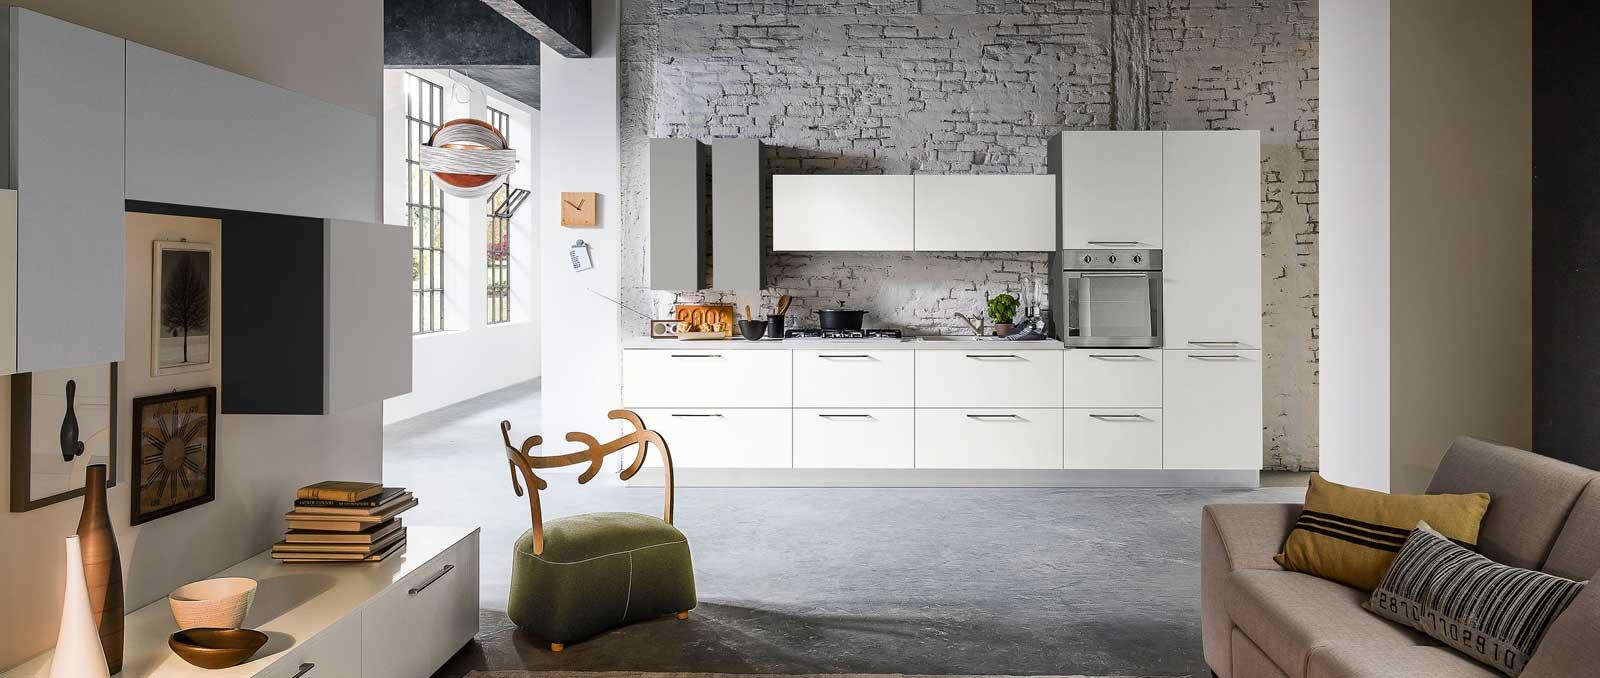 Graphique avec ses lignes structurées d'inspiration nordique, cette cuisine s'intègre parfaitement en open-space. Façades mélaminé laqué pore ouvert.